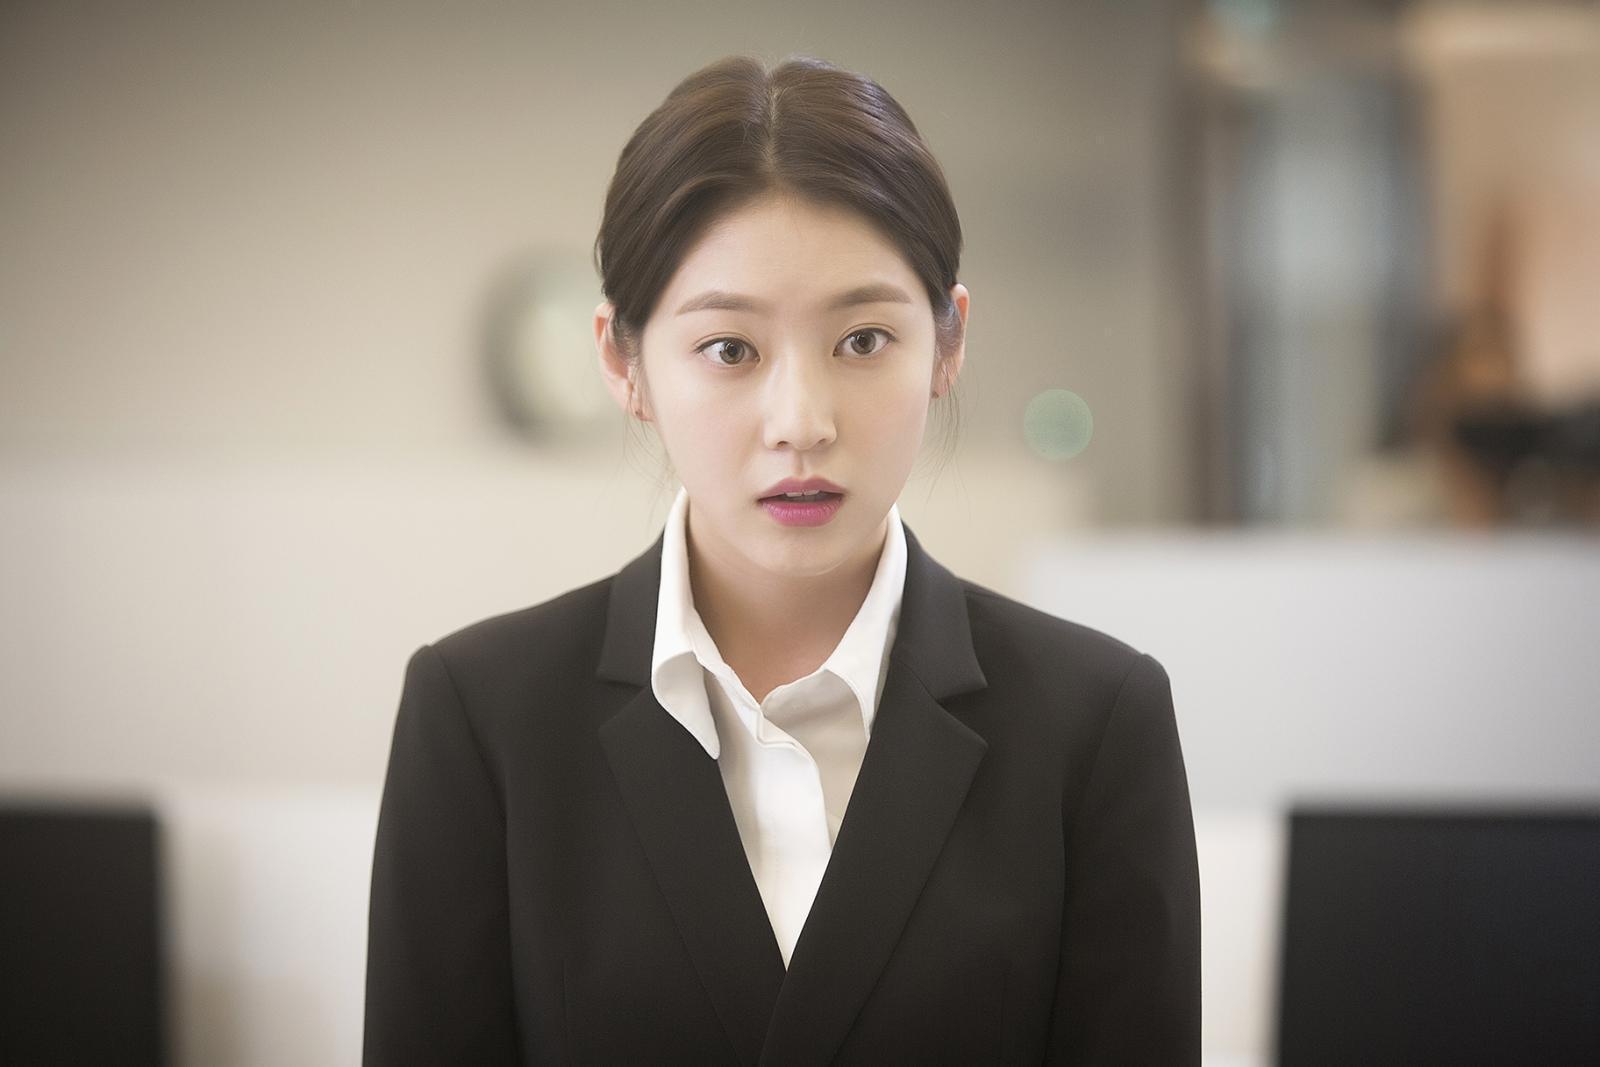 """""""ซอคังจุน"""" โผล่พีพีทีวีในซีรีส์น้ำดี """"คุณคือใครนายนัมชิน"""" (Are You Human ?)  ประเดิมความสนุกตอนแรก 31 ตุลาคมนี้"""